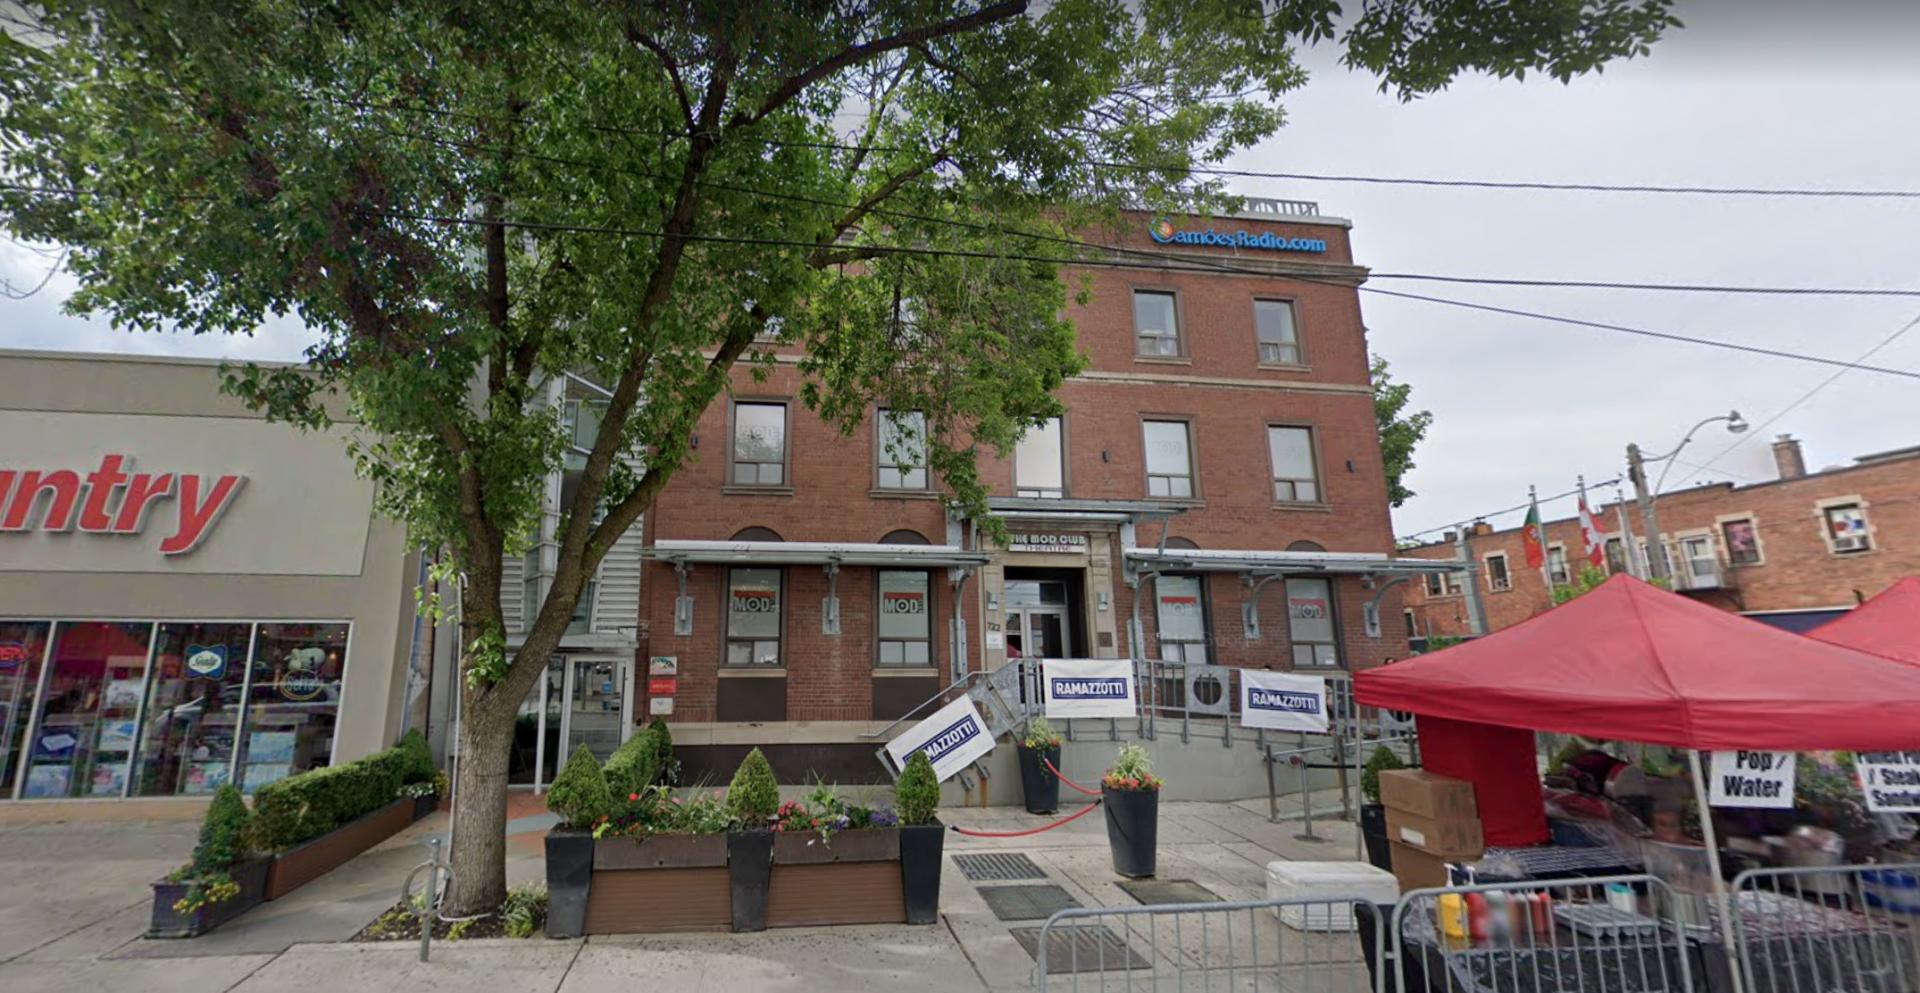 Toronto's Mod Club Theatre closes its doors for good